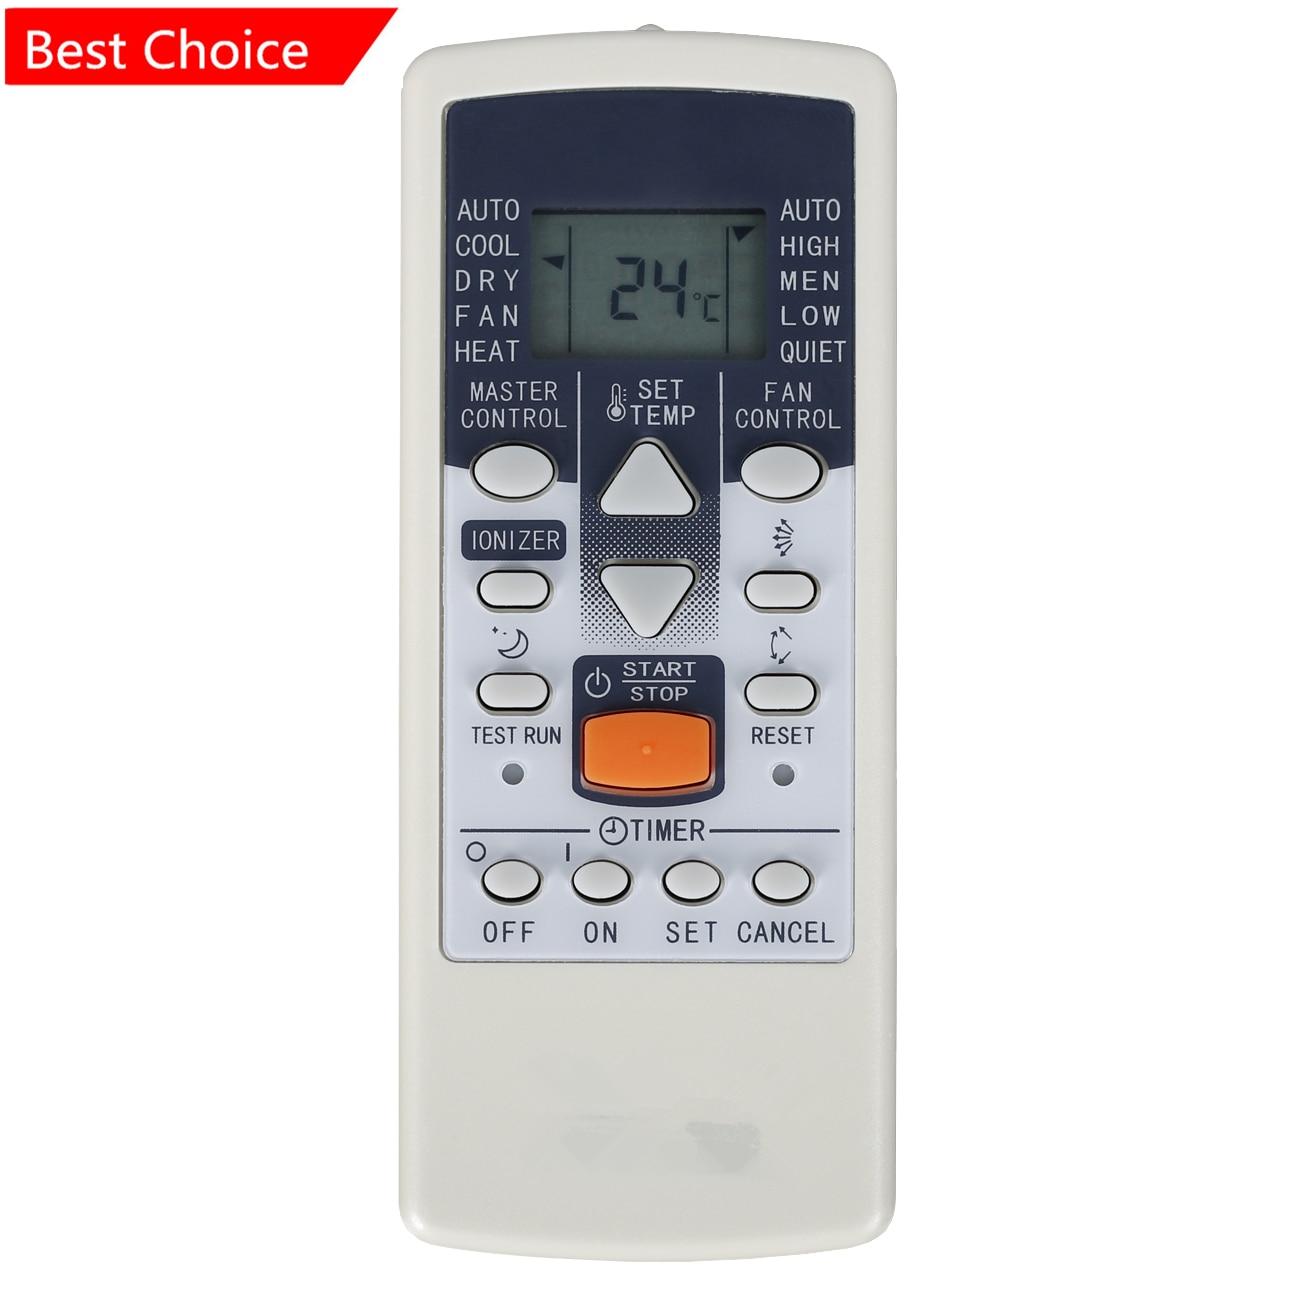 Air Conditioner Conditioning  Remote Control Suitable For  Fujitsu AR-DJ5 AR-JE5 AR-JE4  AR-PV1 AR-PV2 AR-PV4 AR-JE7 AR-DJ5